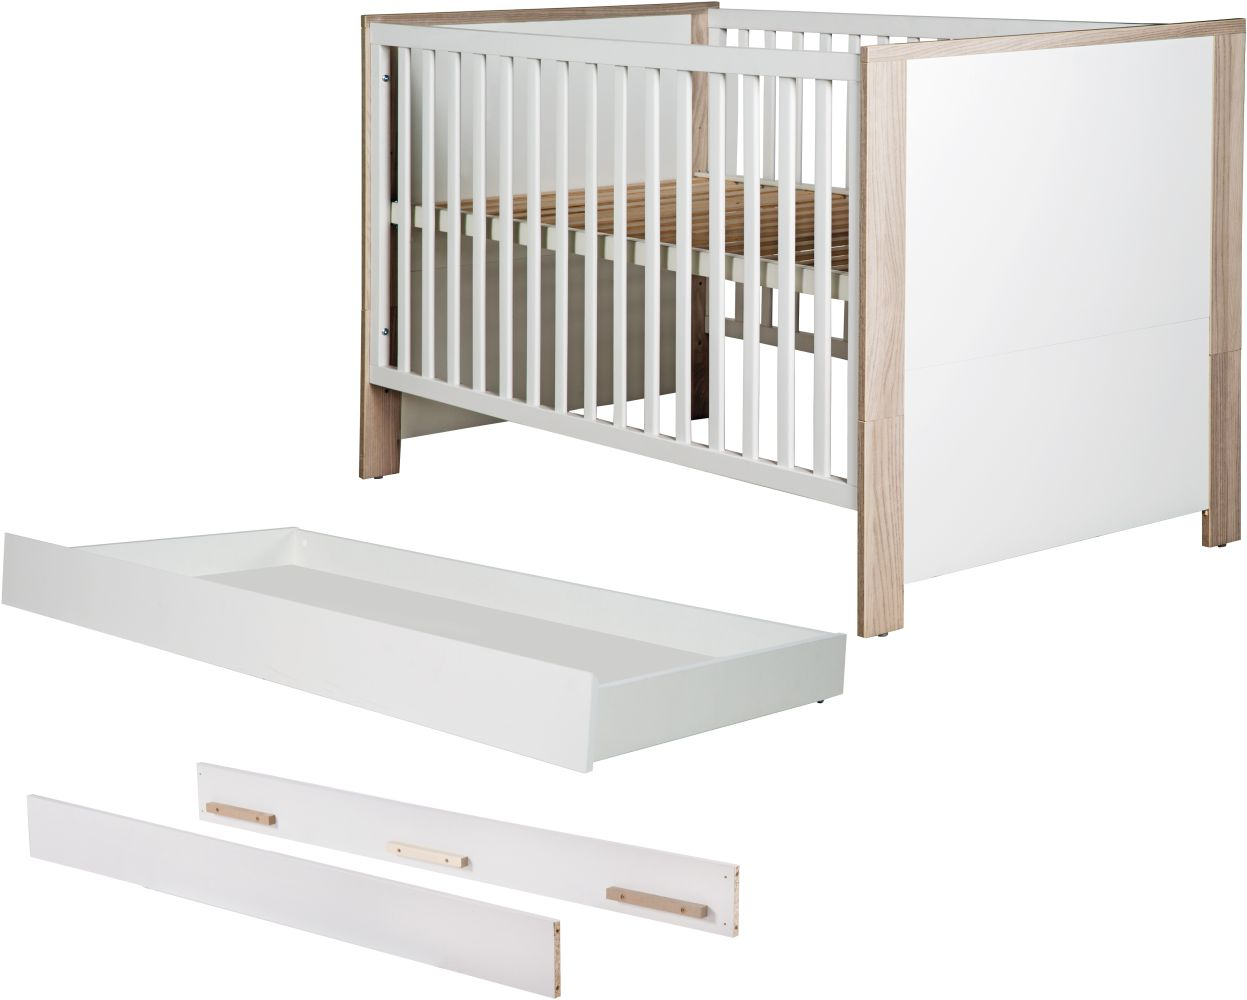 Roba 'Olaf' Kombi-Kinderbett 70x140cm, Luna Elm/weiß, 3-fach höhenverstellbar, 3 Schlupfsprossen, umbaubar, inkl. Bettschublade und Umbauseiten Bild 1